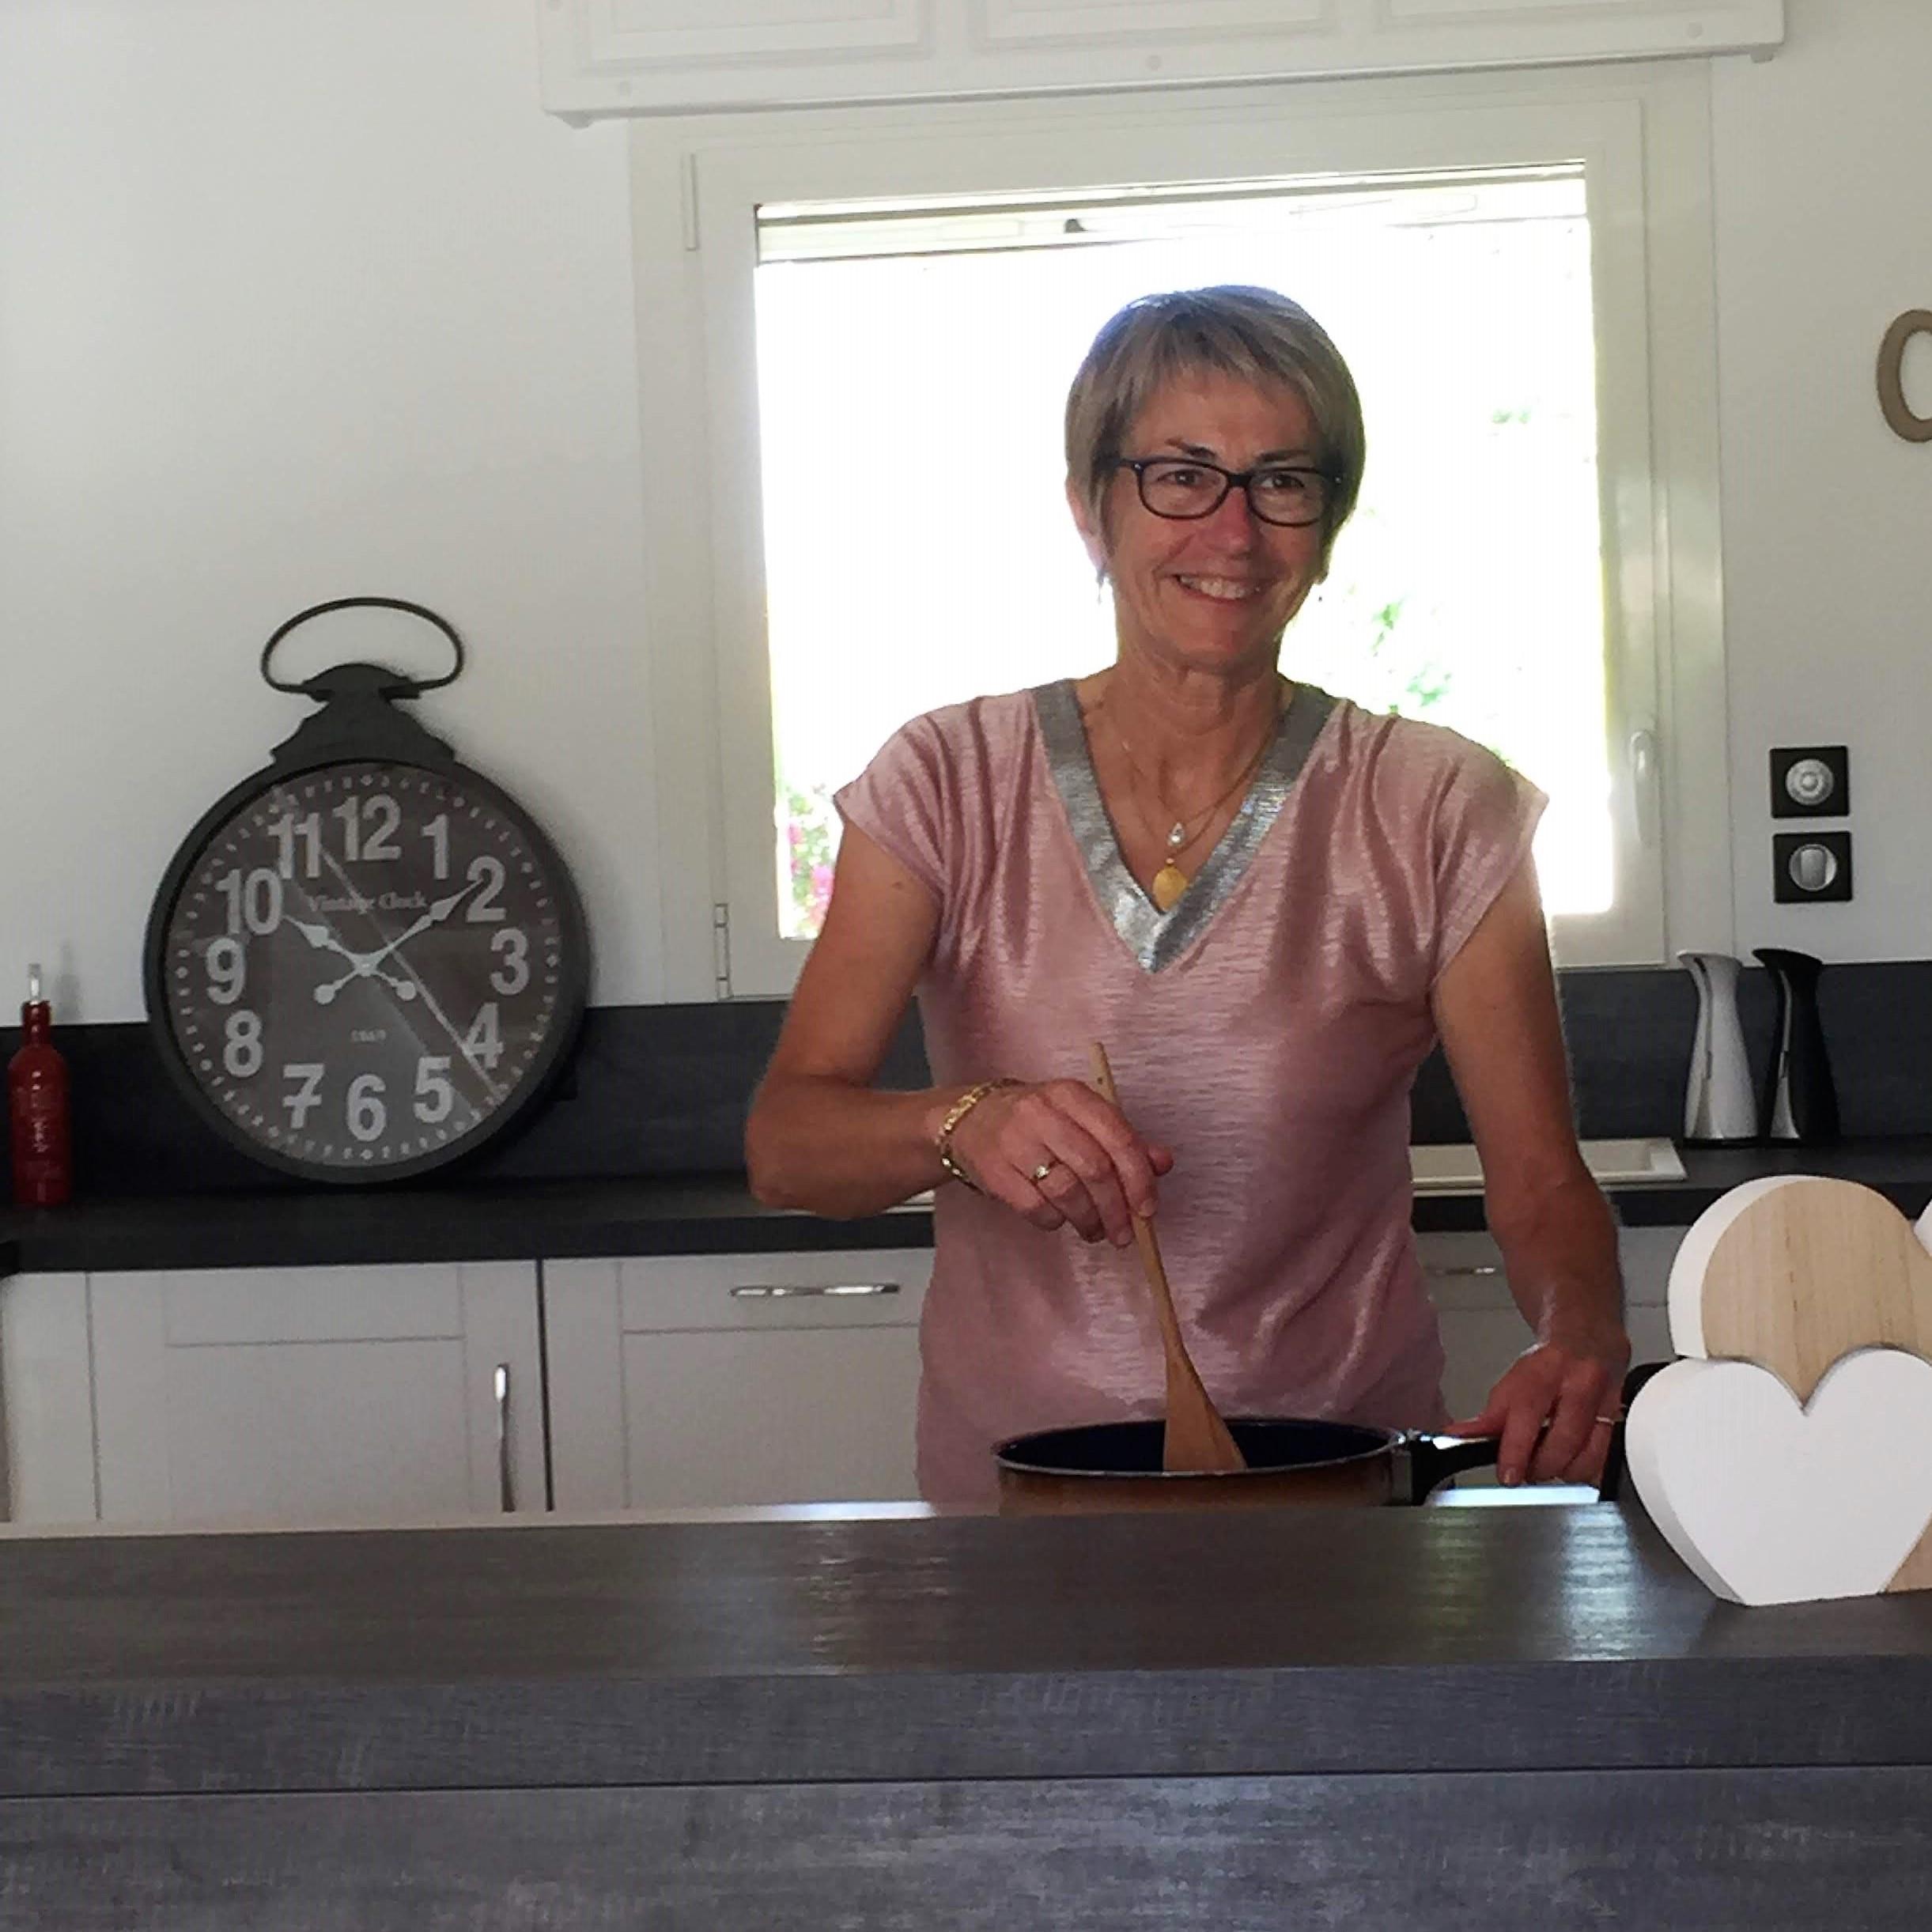 notre-cliente-en-pleine-preparation-cuisine